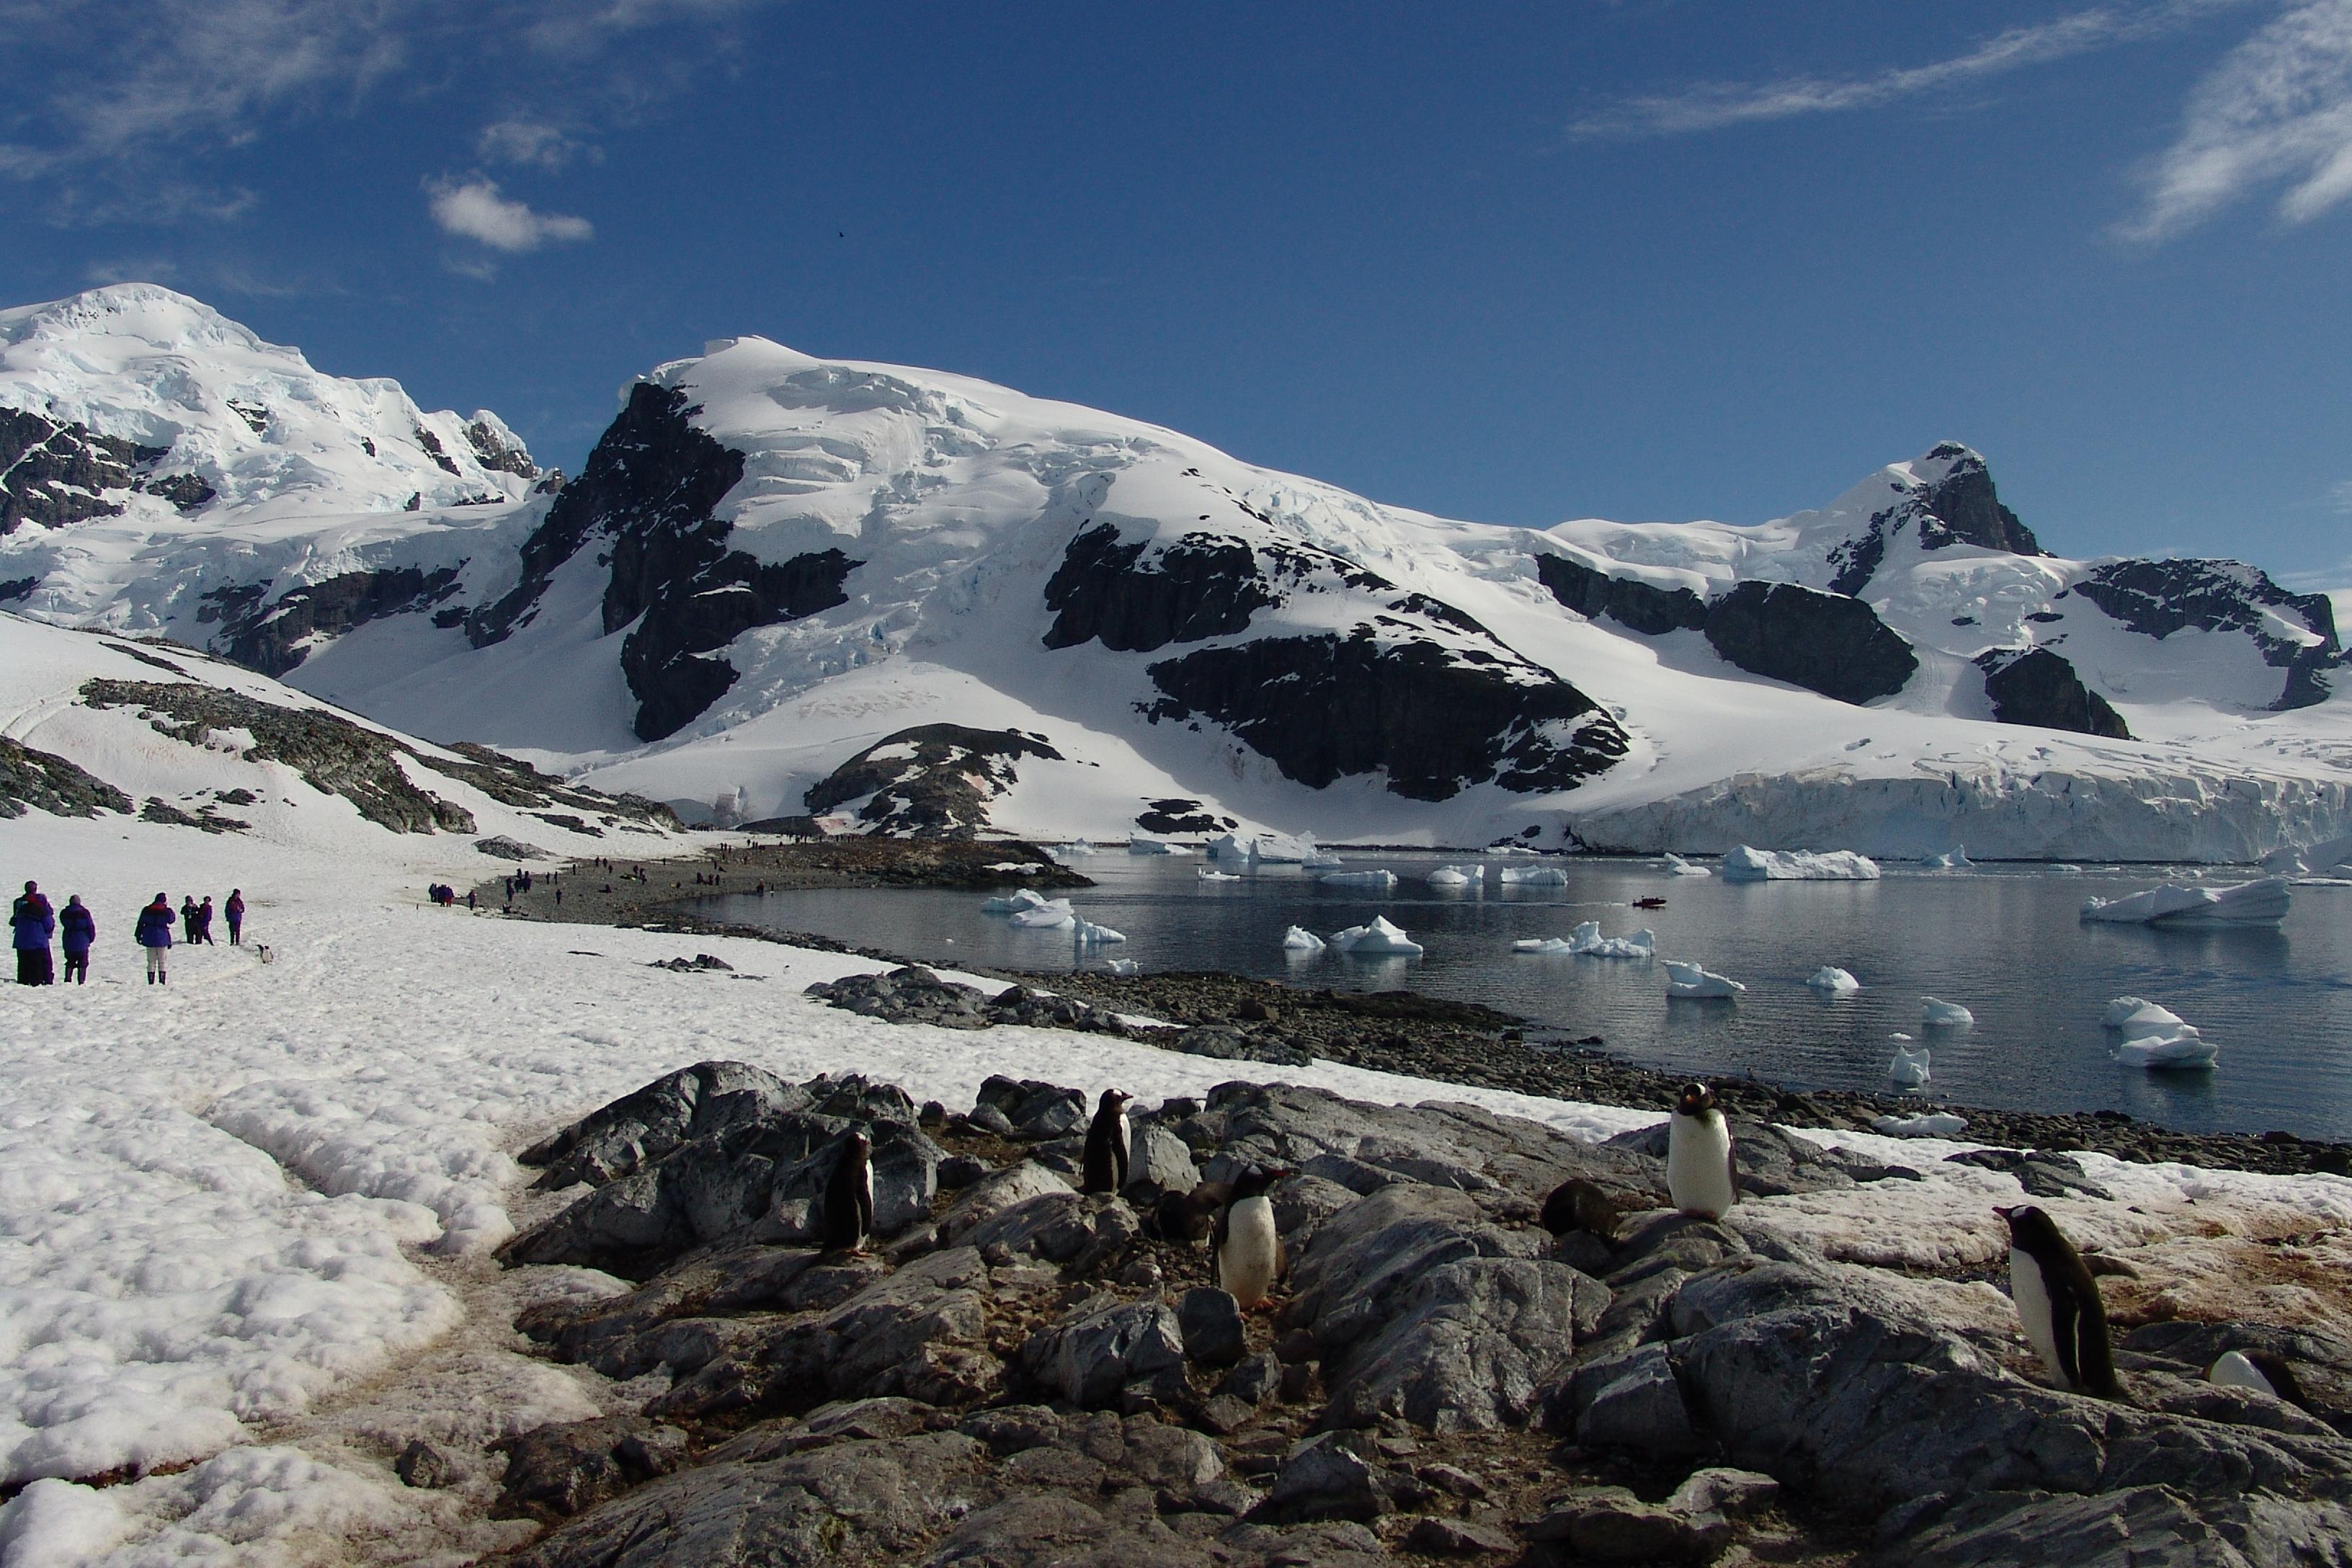 Antarctica Landscape Photo Credit: Horacio Lyon via flickr